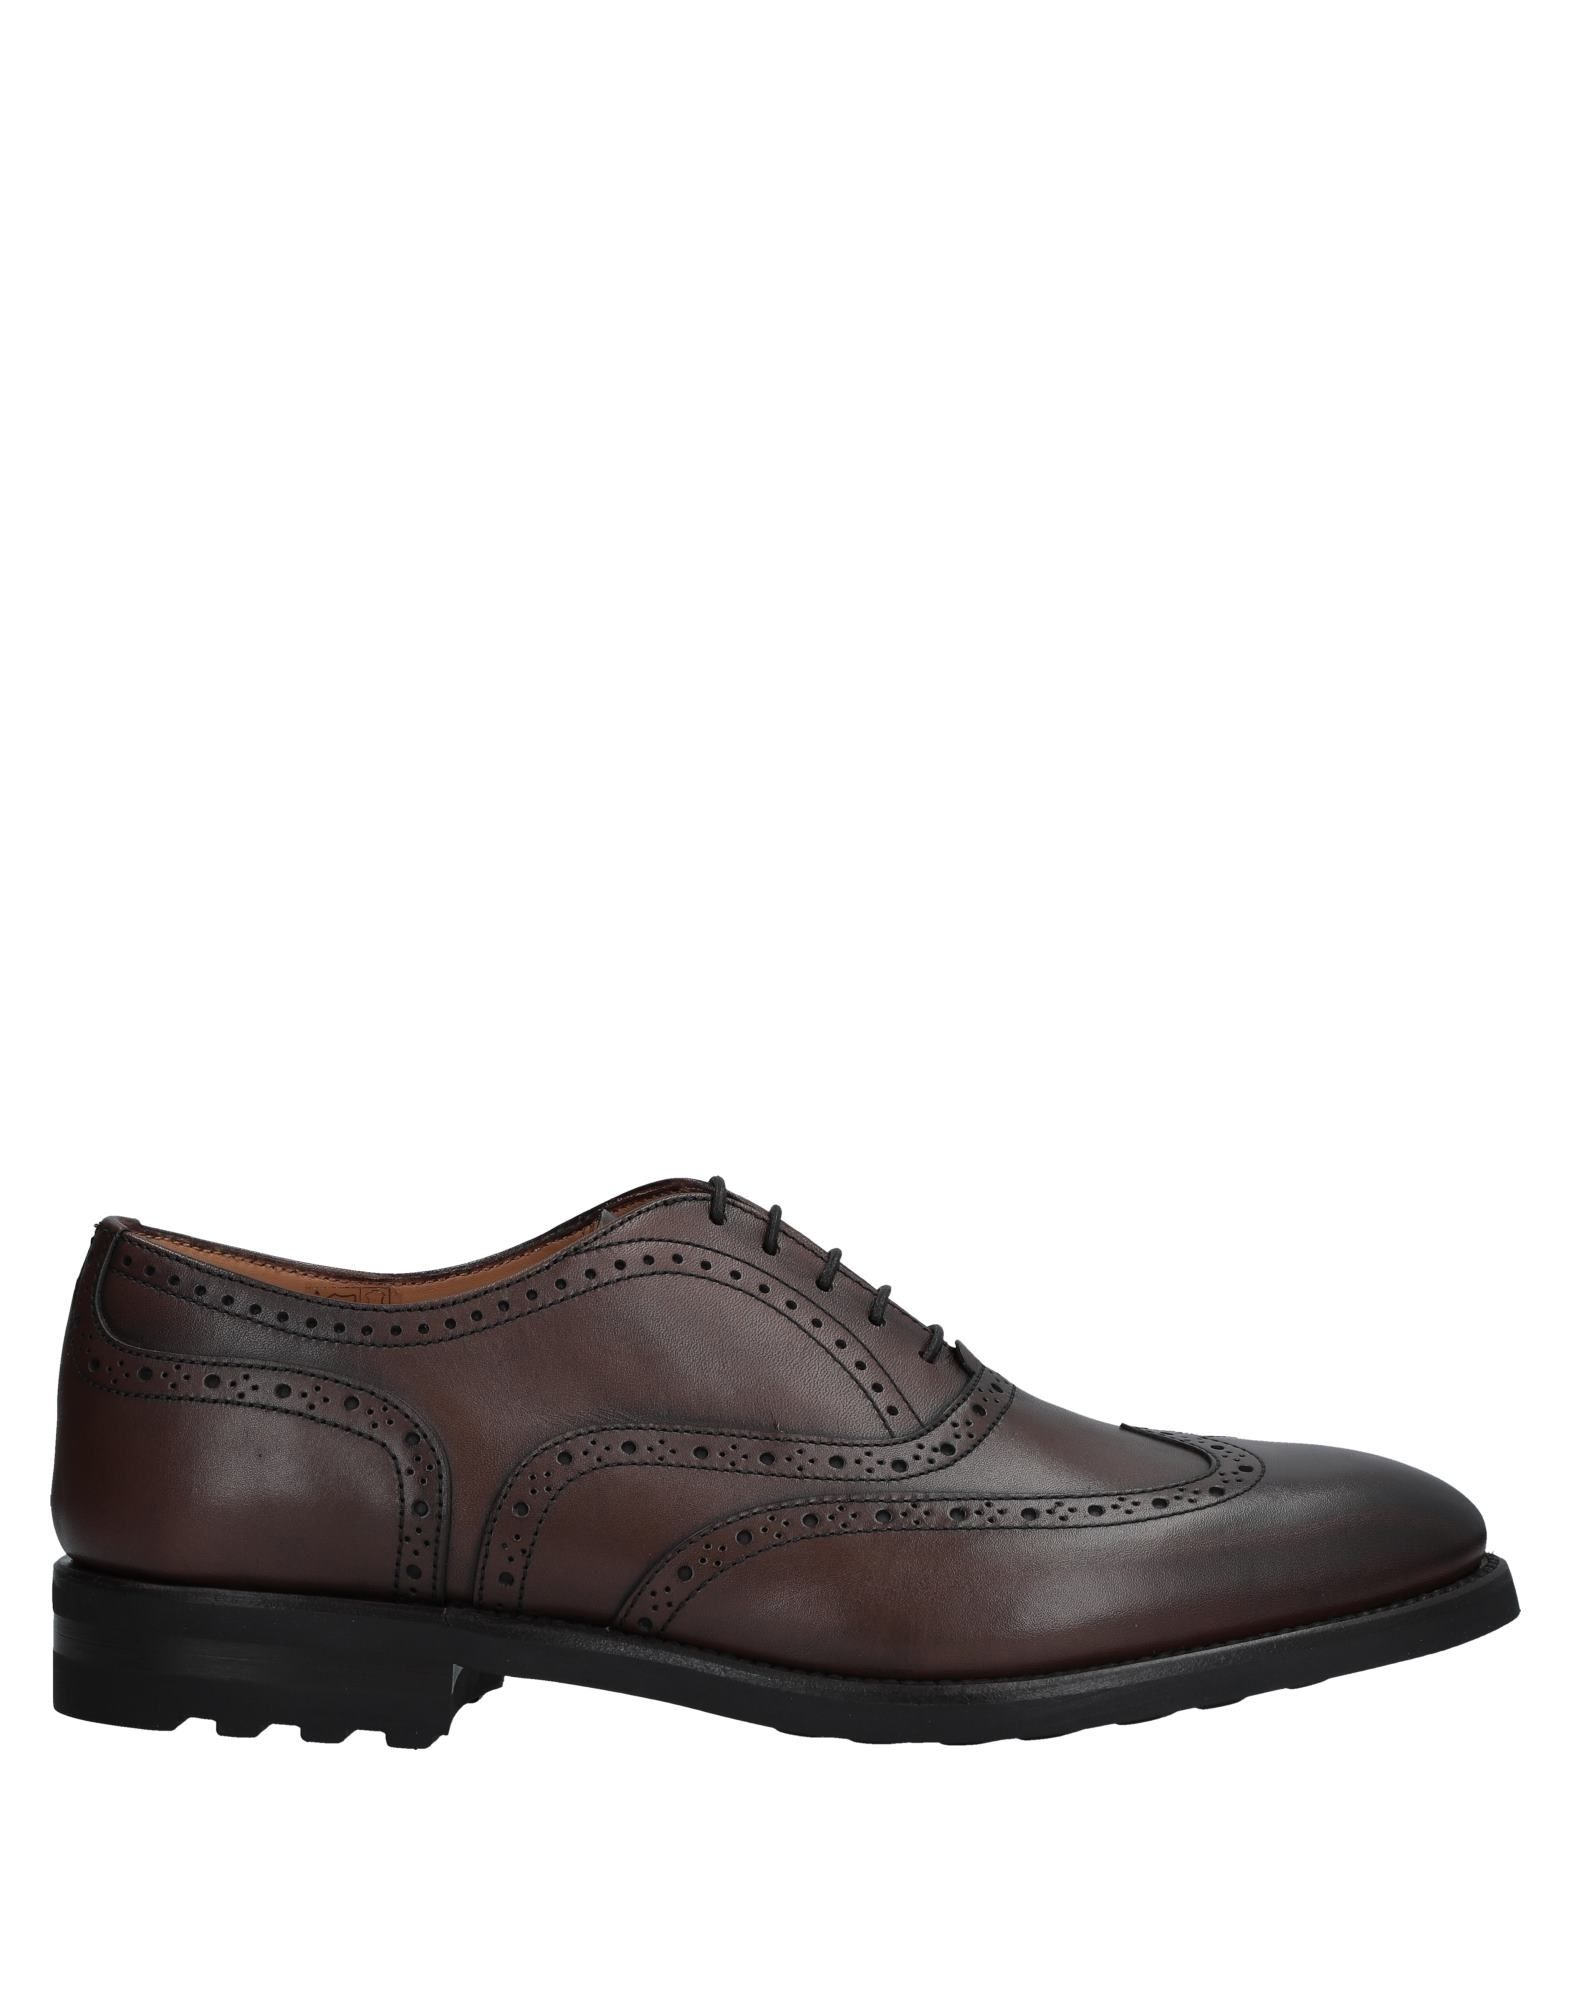 Fabi Schnürschuhe Herren  11540613HI Gute Qualität beliebte Schuhe